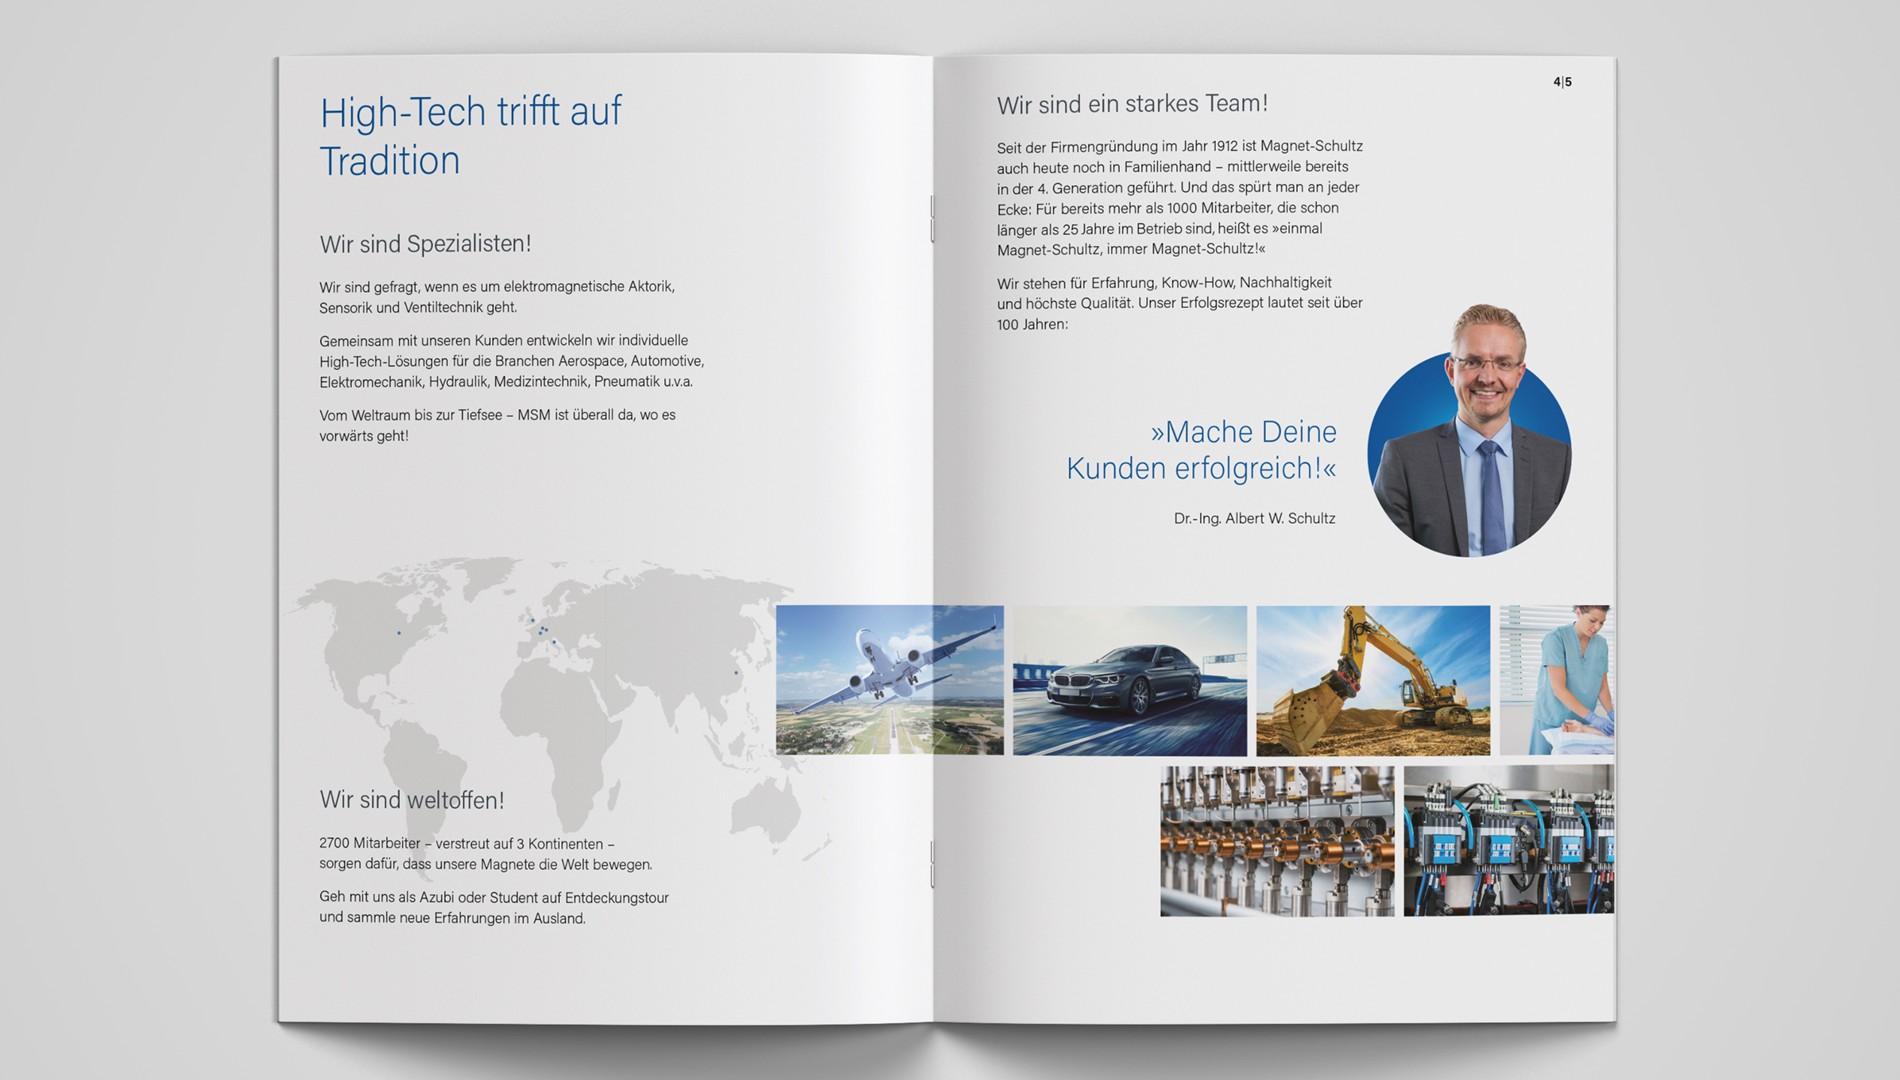 Moderne Ausbildungsbroschüre für Magnet-Schultz GmbH & Co. KG in Memmingen von der Designagentur das formt aus München